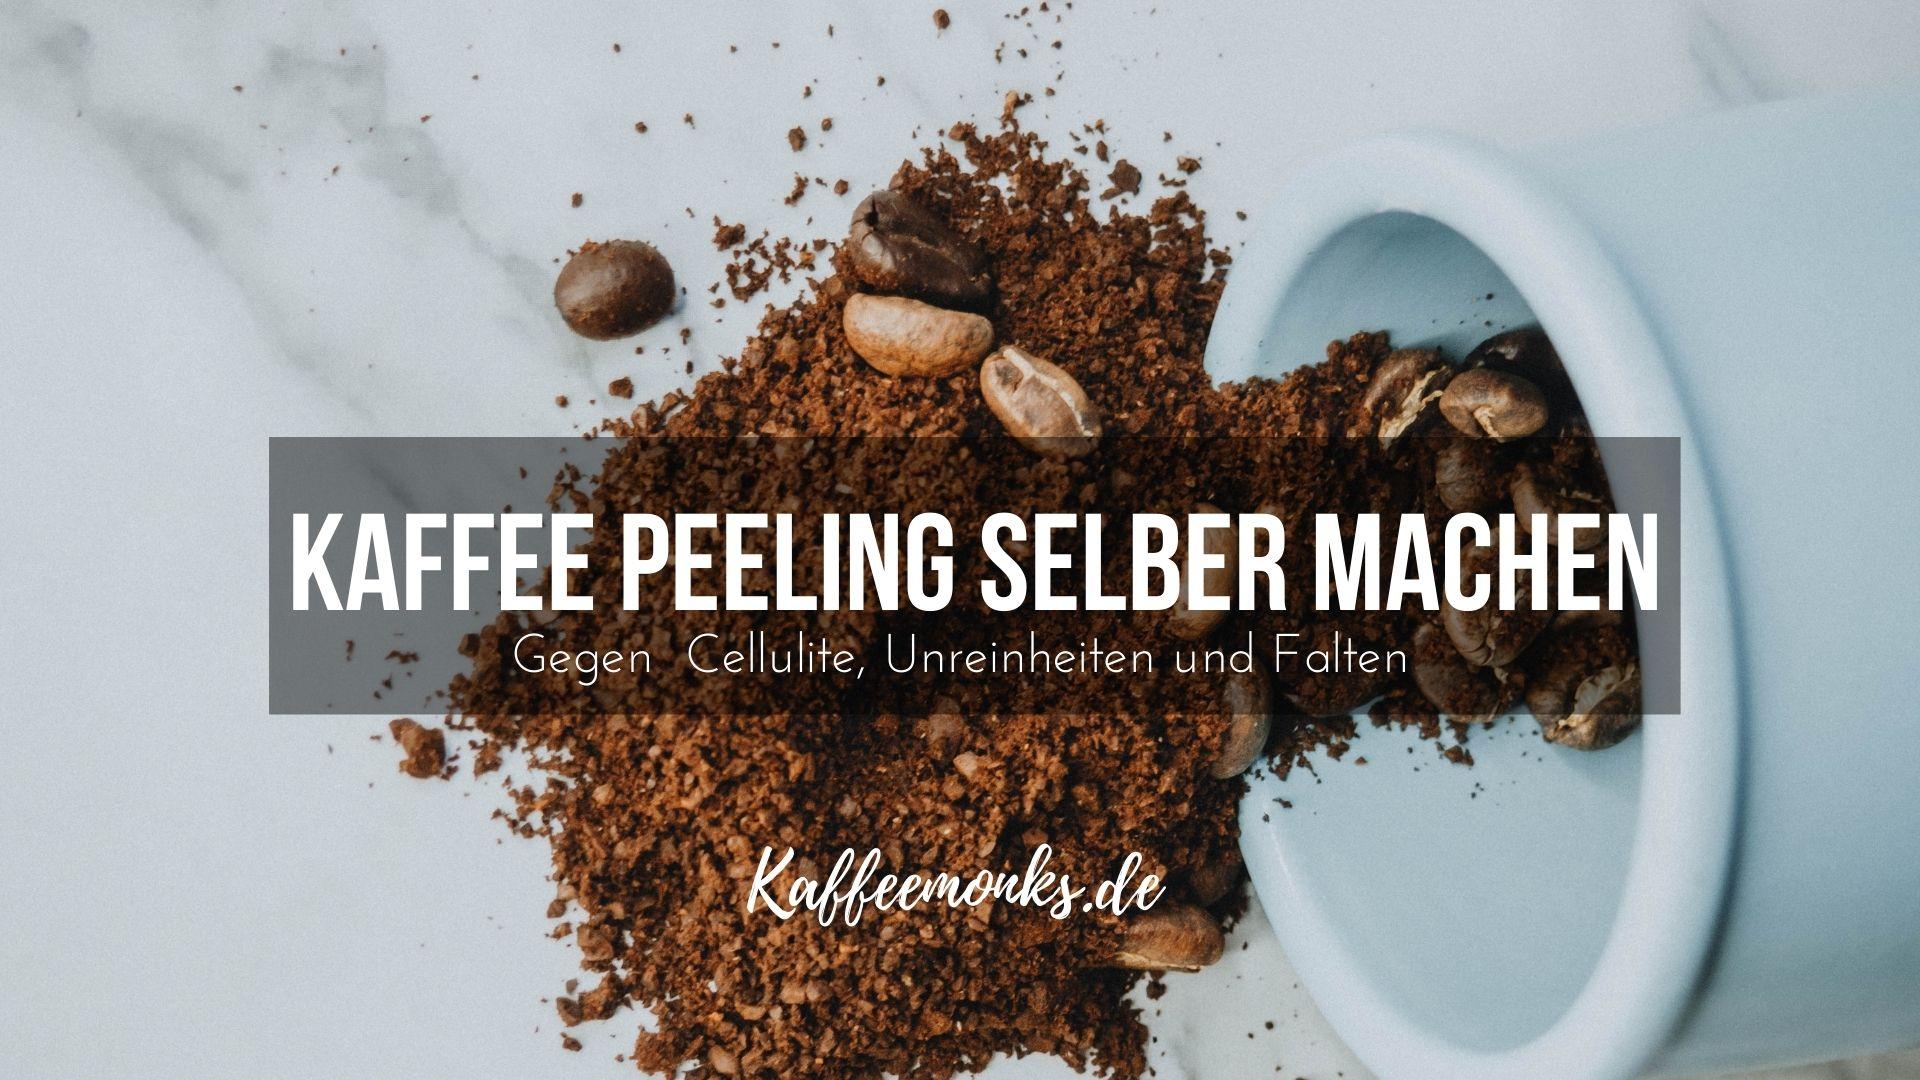 You are currently viewing KAFFEE BEAUTY: KAFFEE PEELING SELBER MACHEN UND CELLULITE, UNREINHEITEN UND HAUTSCHUPPEN ENTFERNEN